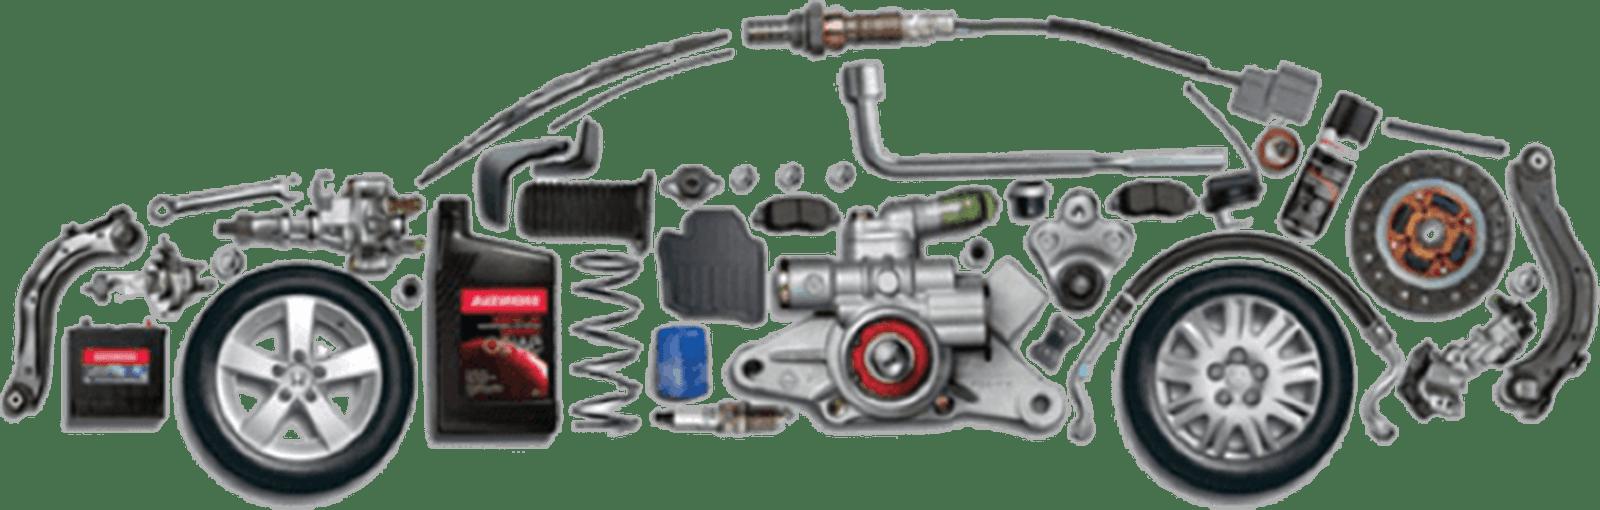 electro mod garage auto shop parts